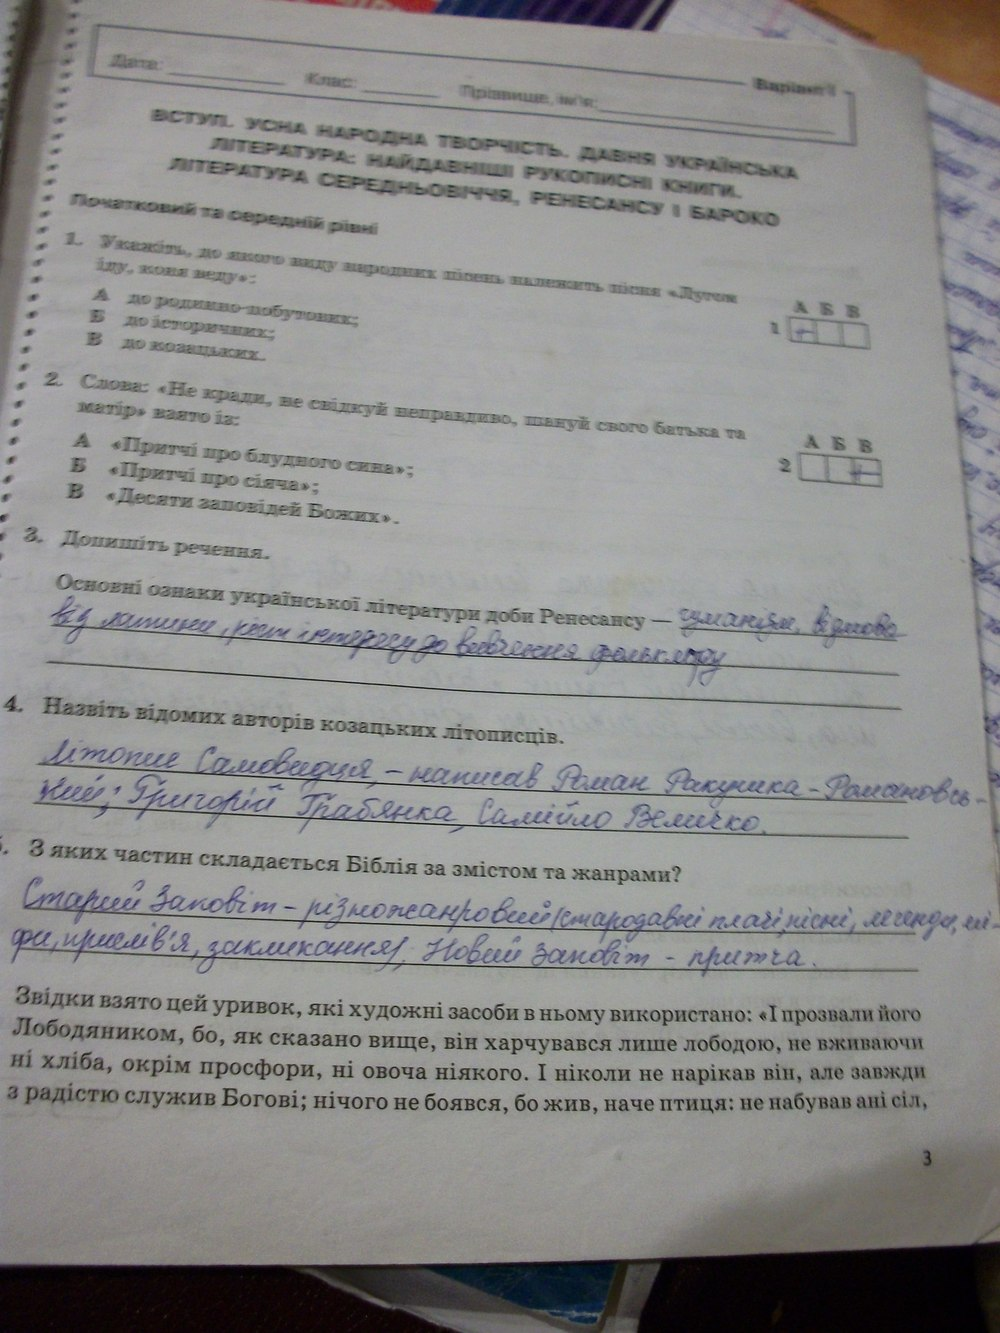 ГДЗ відповіді робочий зошит по литературе 9 класс В.В. Паращич. Задание: стр. 3